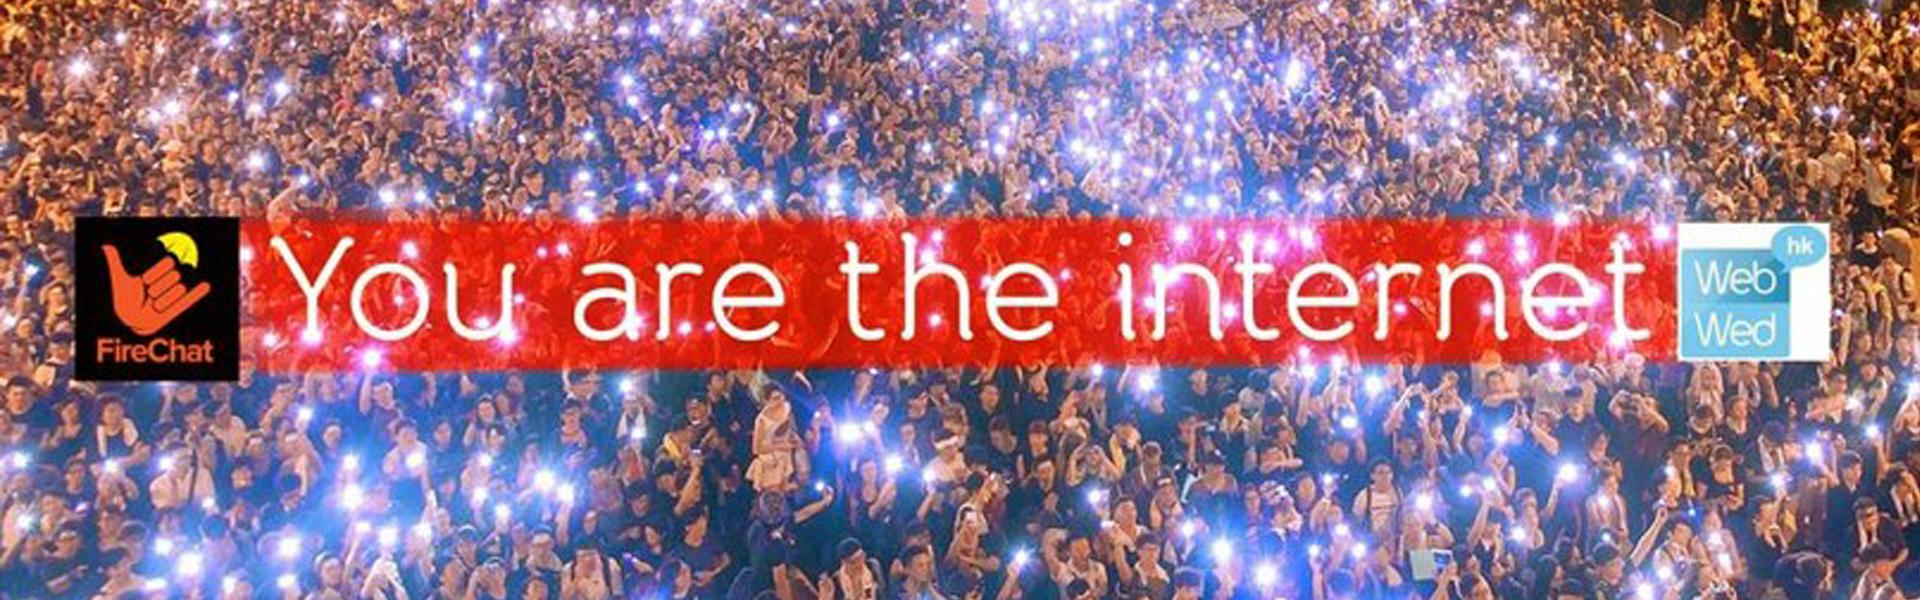 Власть и оппозиция — отстающие от Интернета